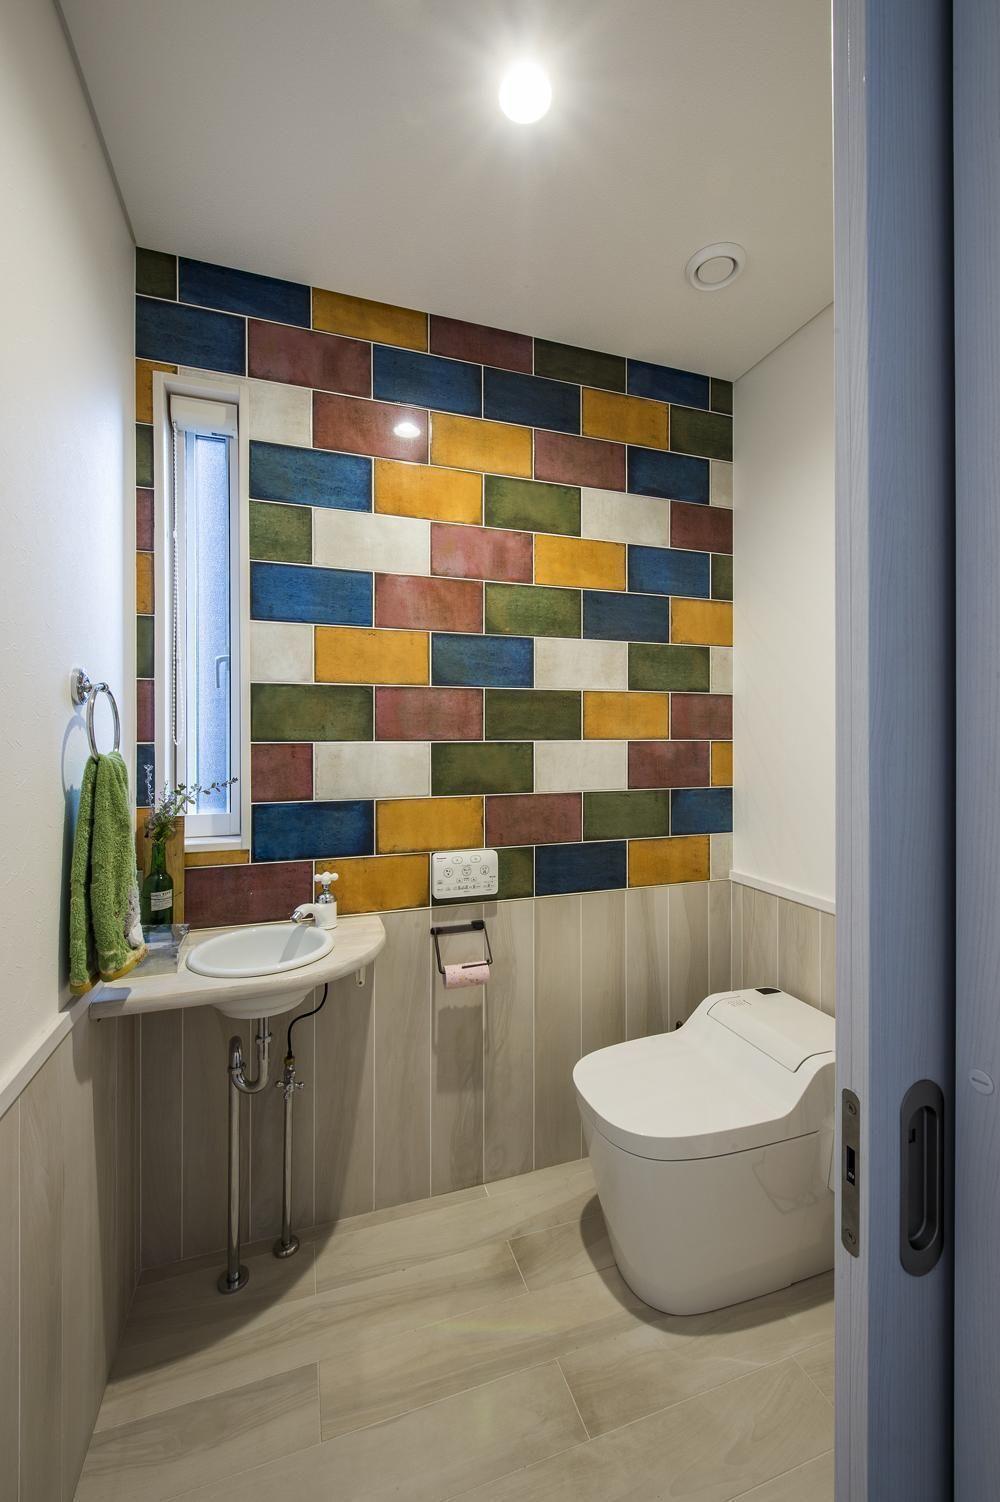 みんなの家のおしゃれなトイレ画像30選 壁紙 タイル 自慢したくなる